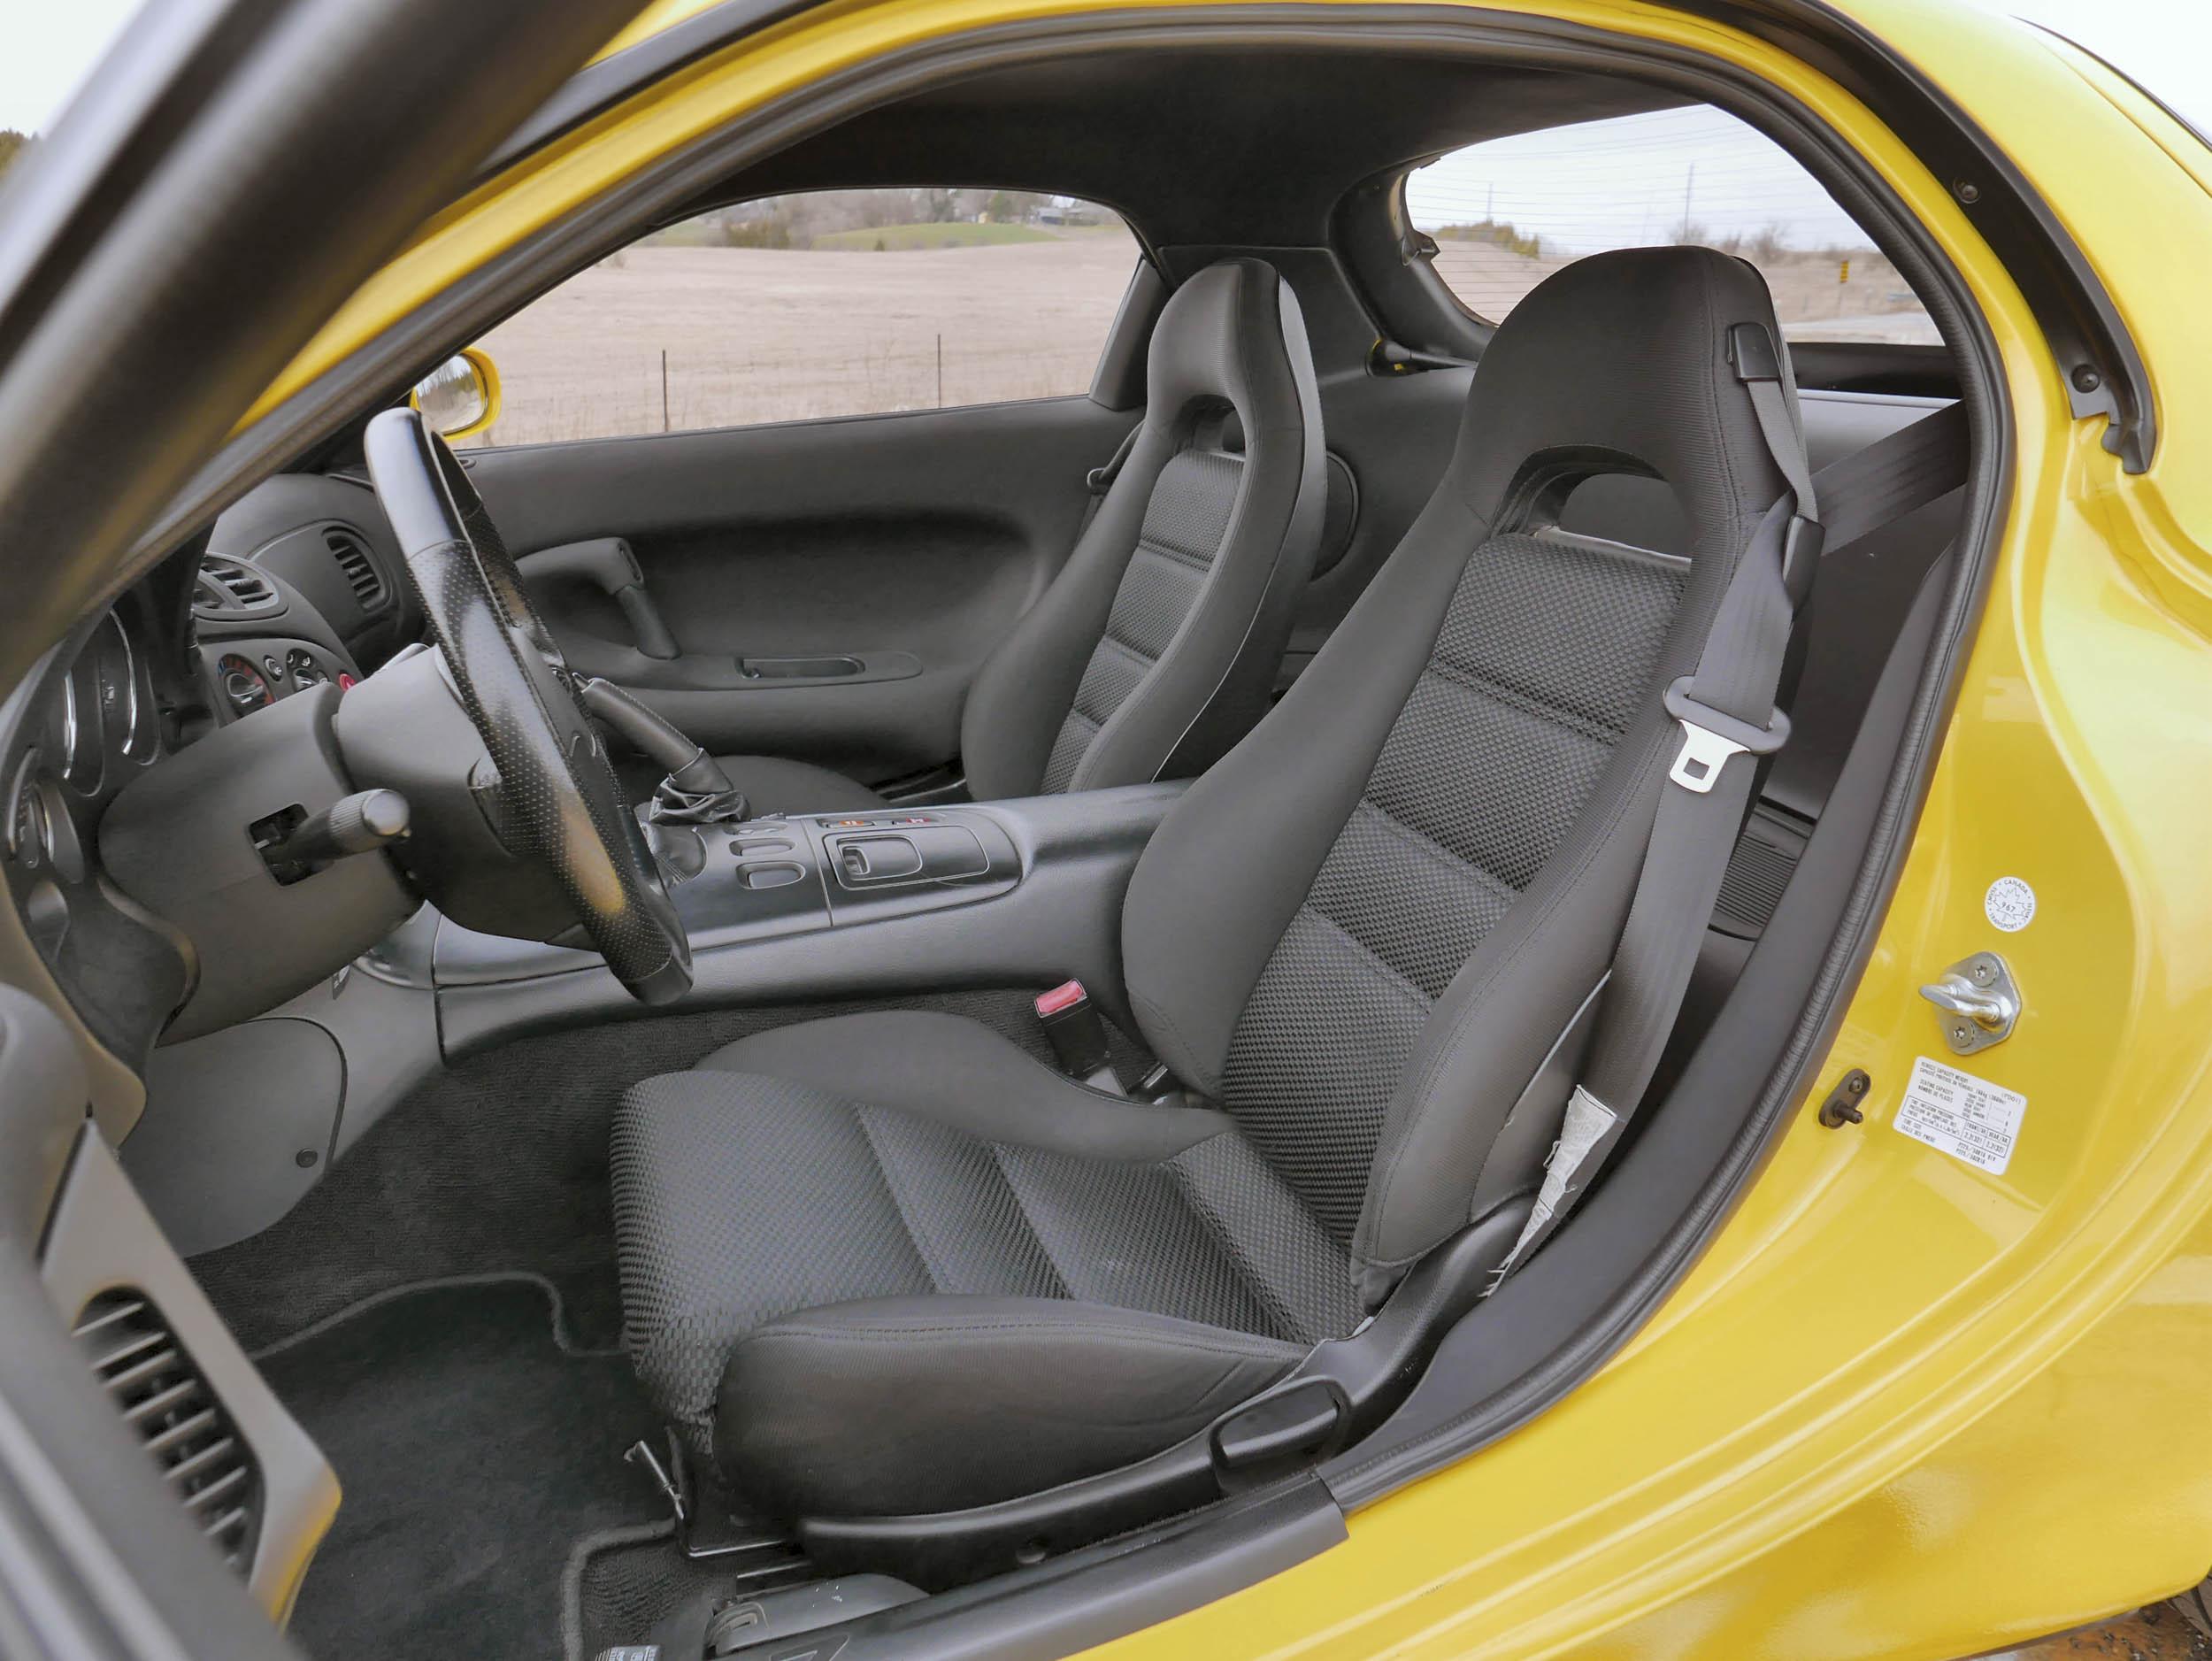 Mazda RX-7 driver seat